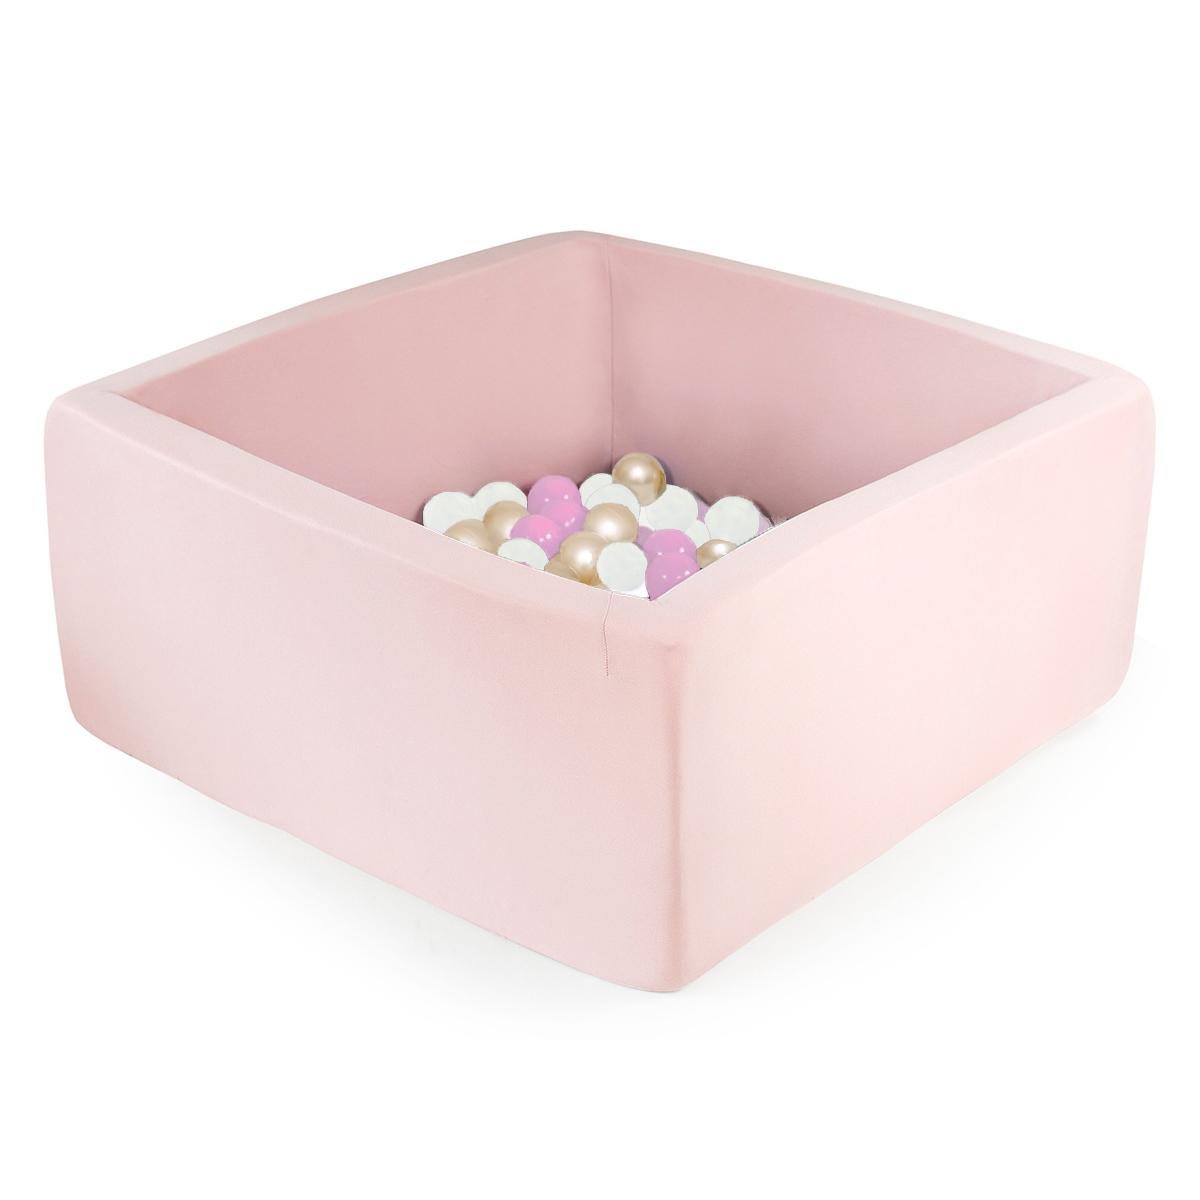 Mes premiers jouets Piscine à Balles Carrée Rose 110 x 40 cm + 400 Balles